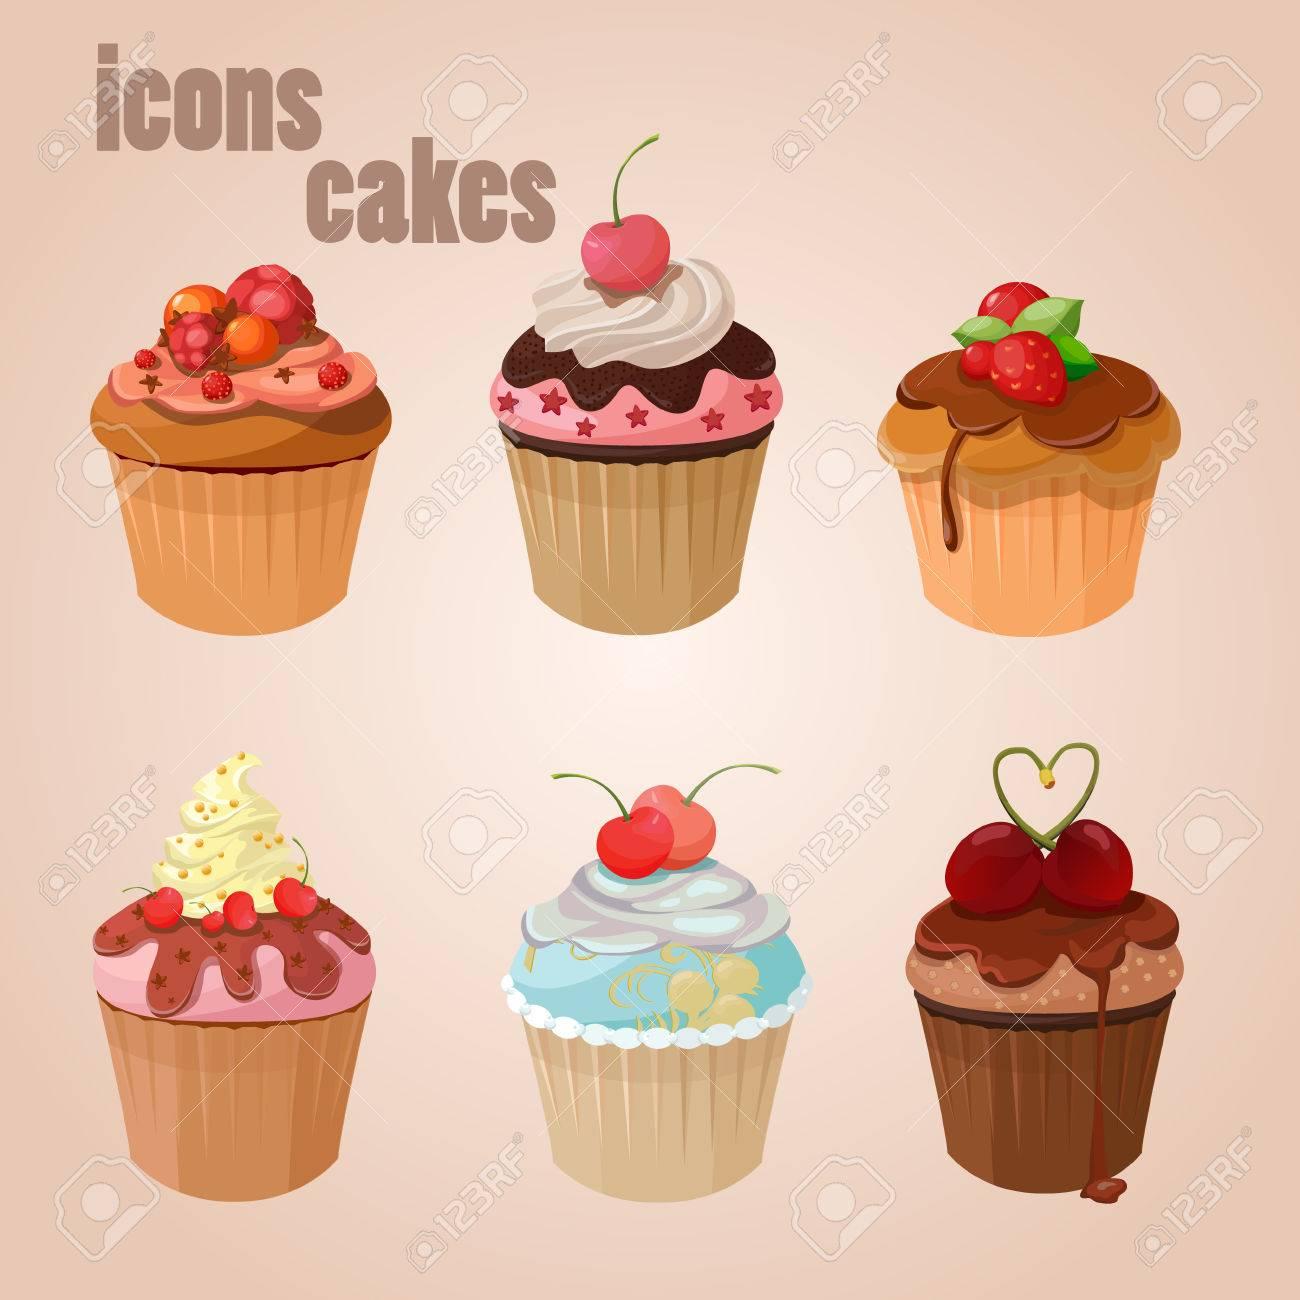 Icons Kuchen Nachtisch Der Sussen Schokolade Lizenzfrei Nutzbare